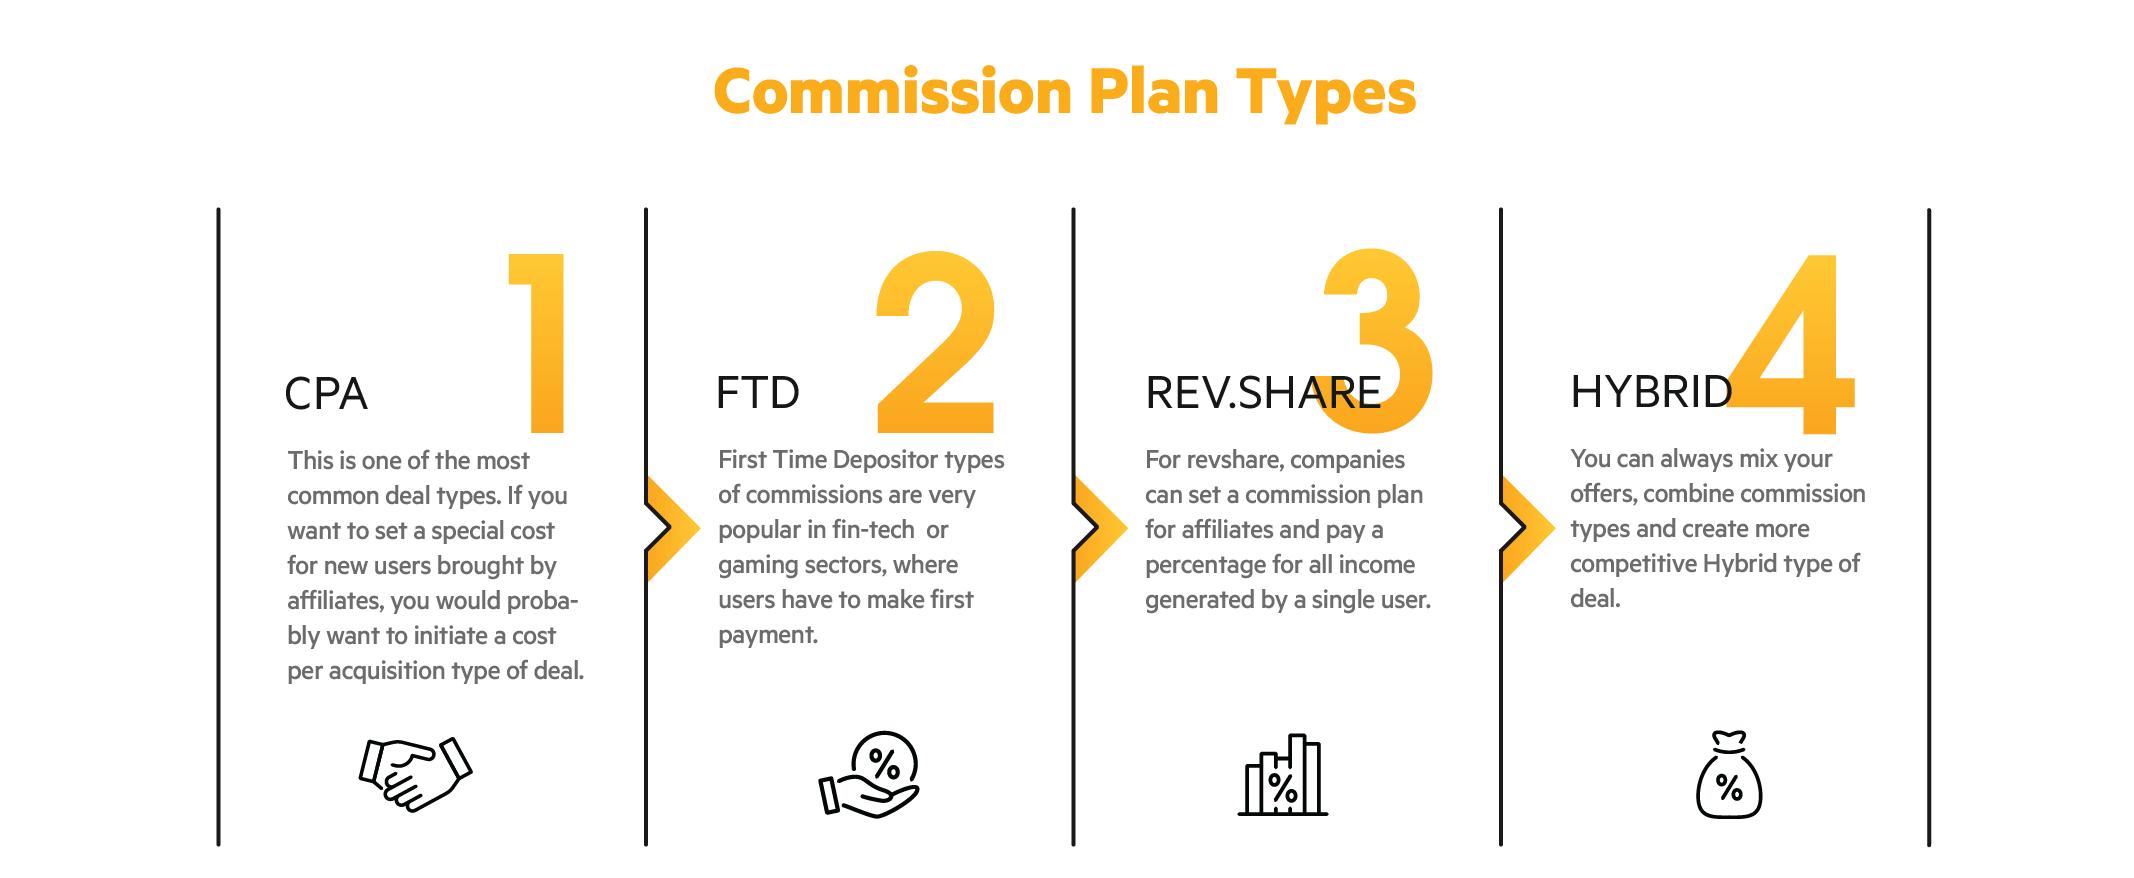 Affiliate commission plans